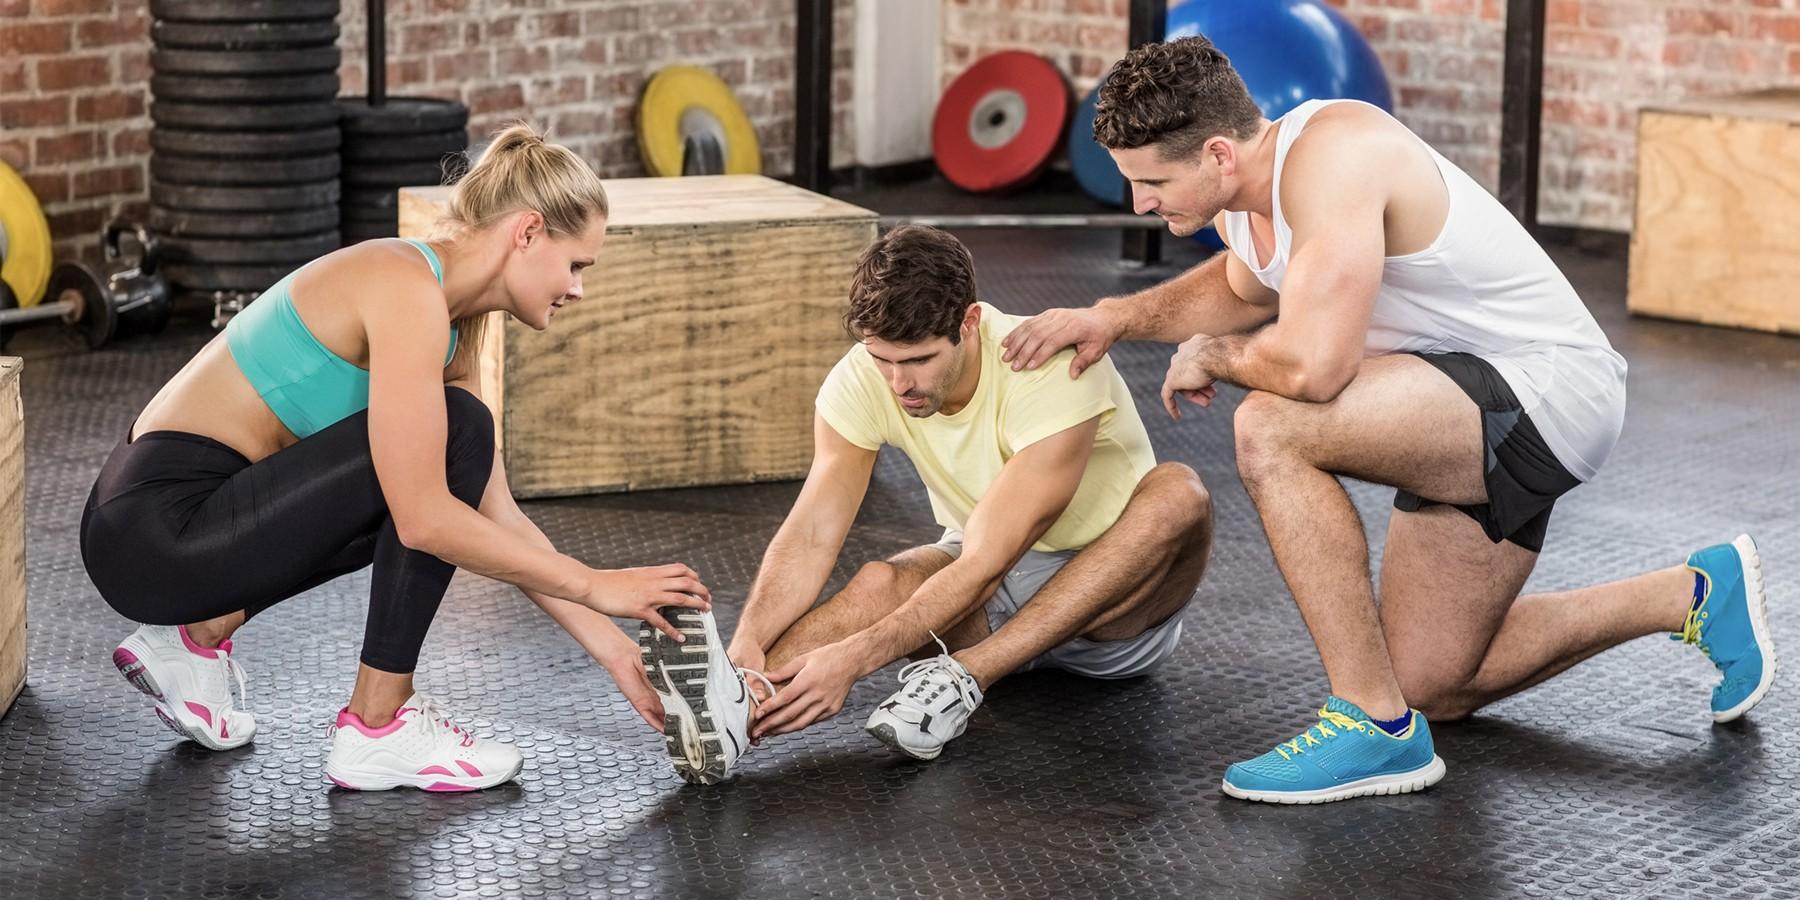 Здоровье и бодибилдинг, польза для здоровья при правильном подходе